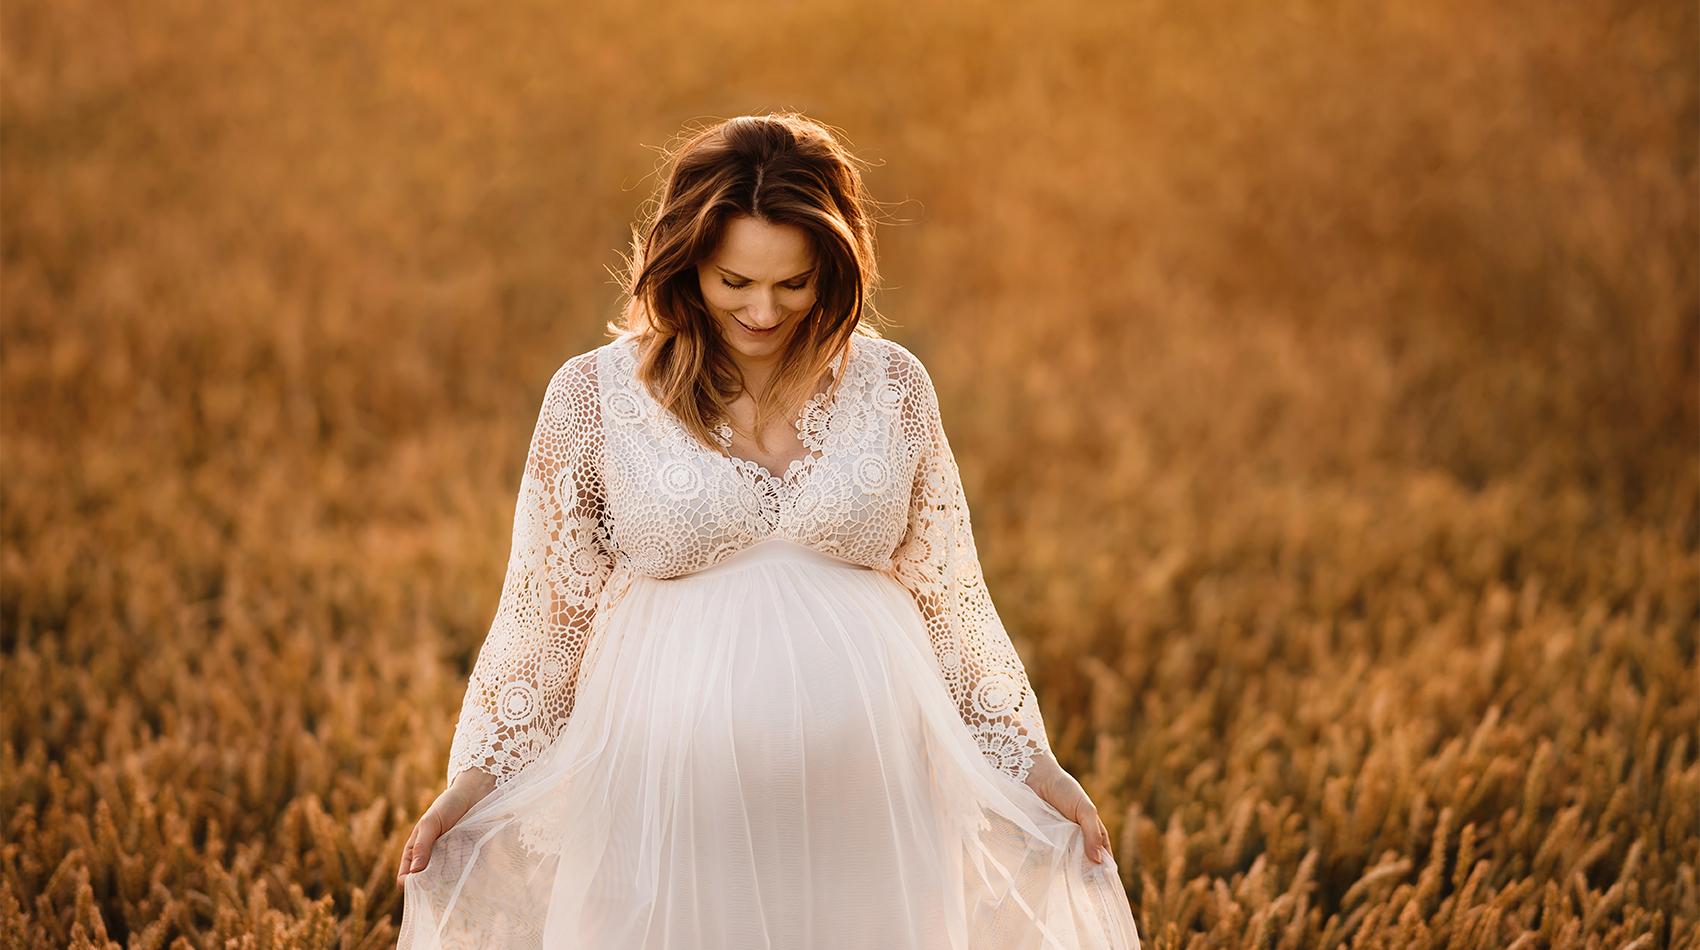 Zwanger fotoshoot arnhem